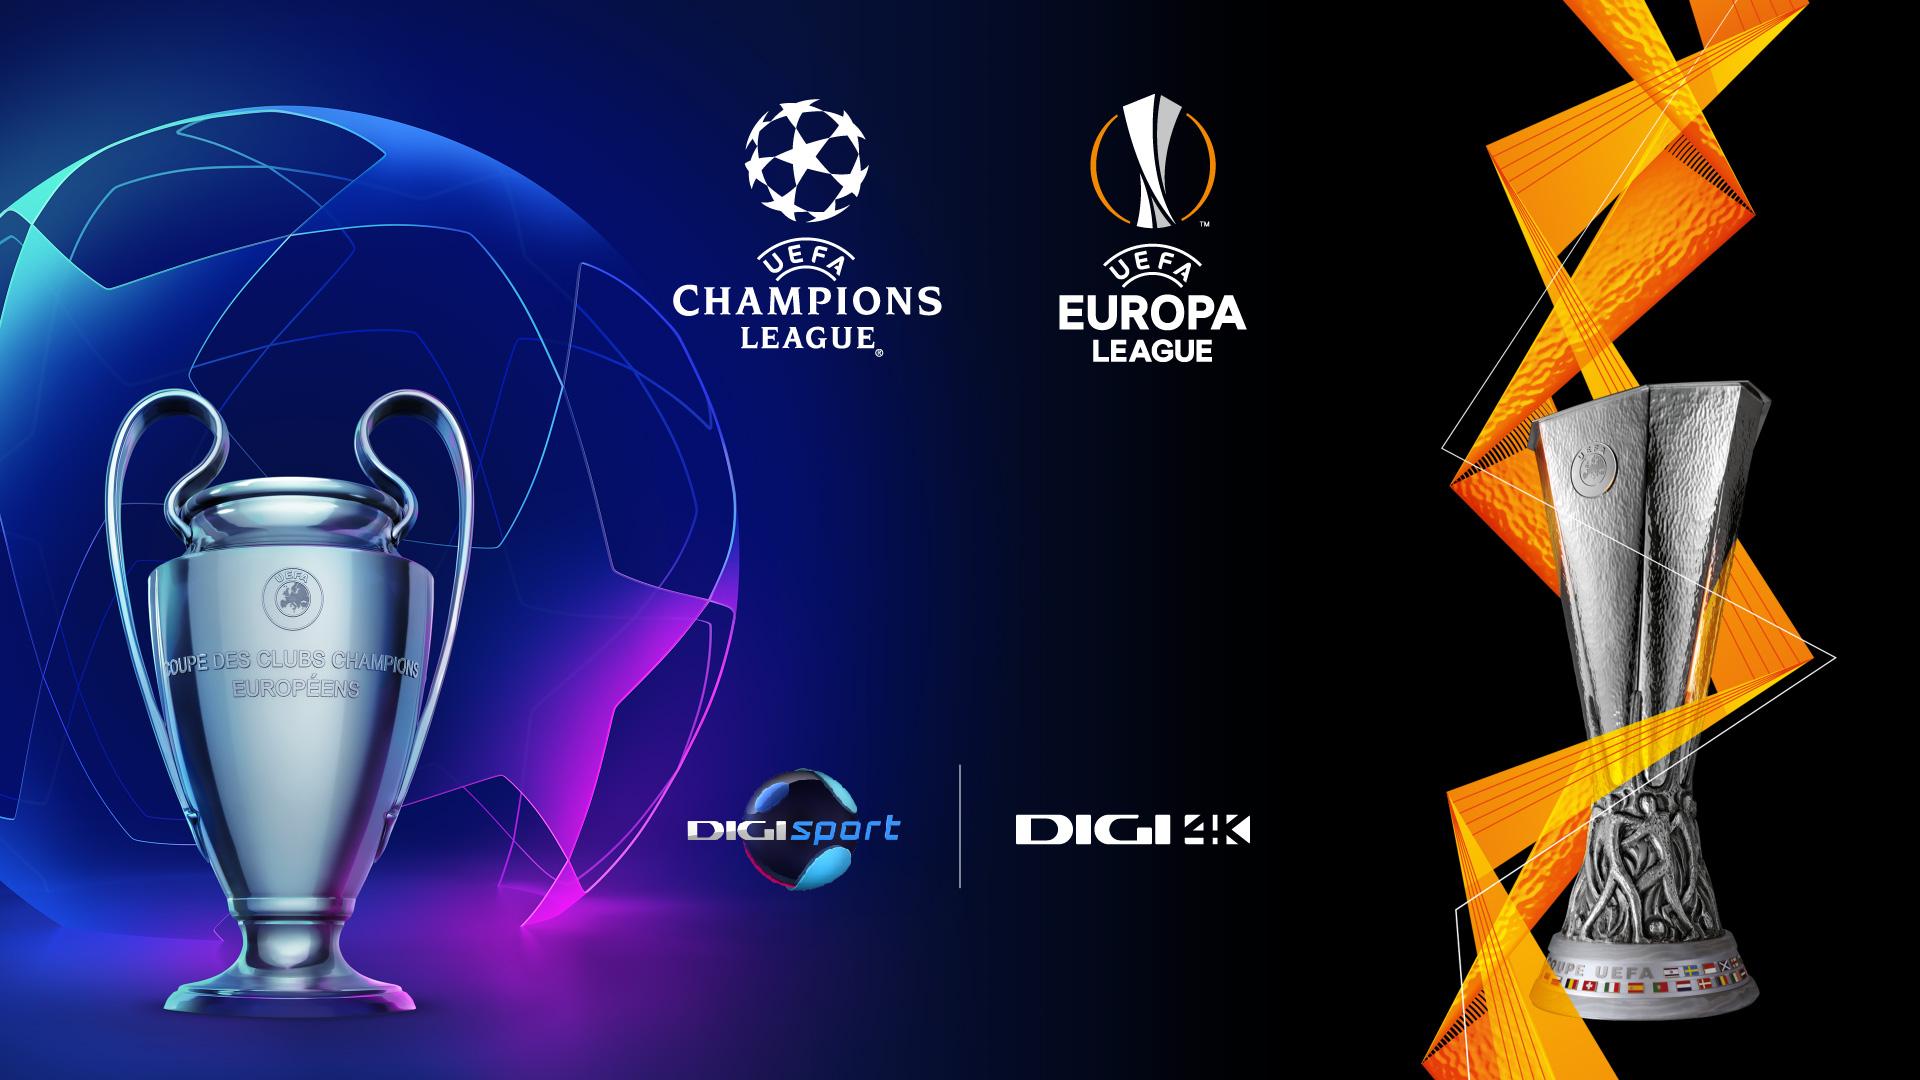 Spectacolul UEFA Champions League si UEFA Europa League revine cu un nou sezon, la Digi Sport si Digi 4K